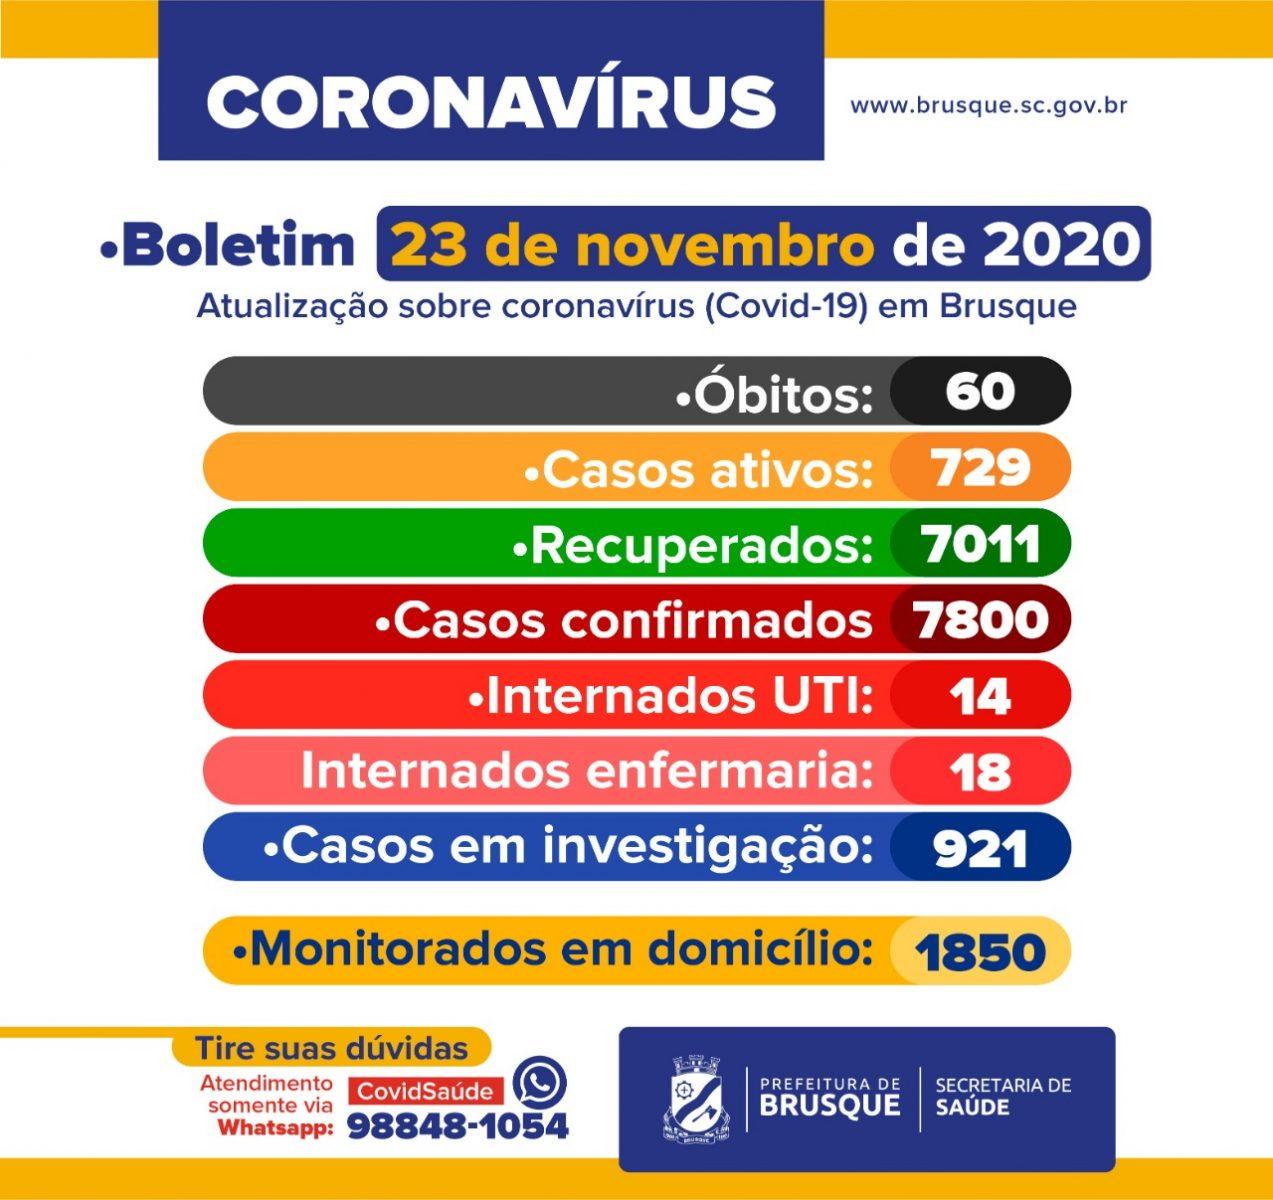 COVID-19: Boletim epidemiológico de 23 de novembro